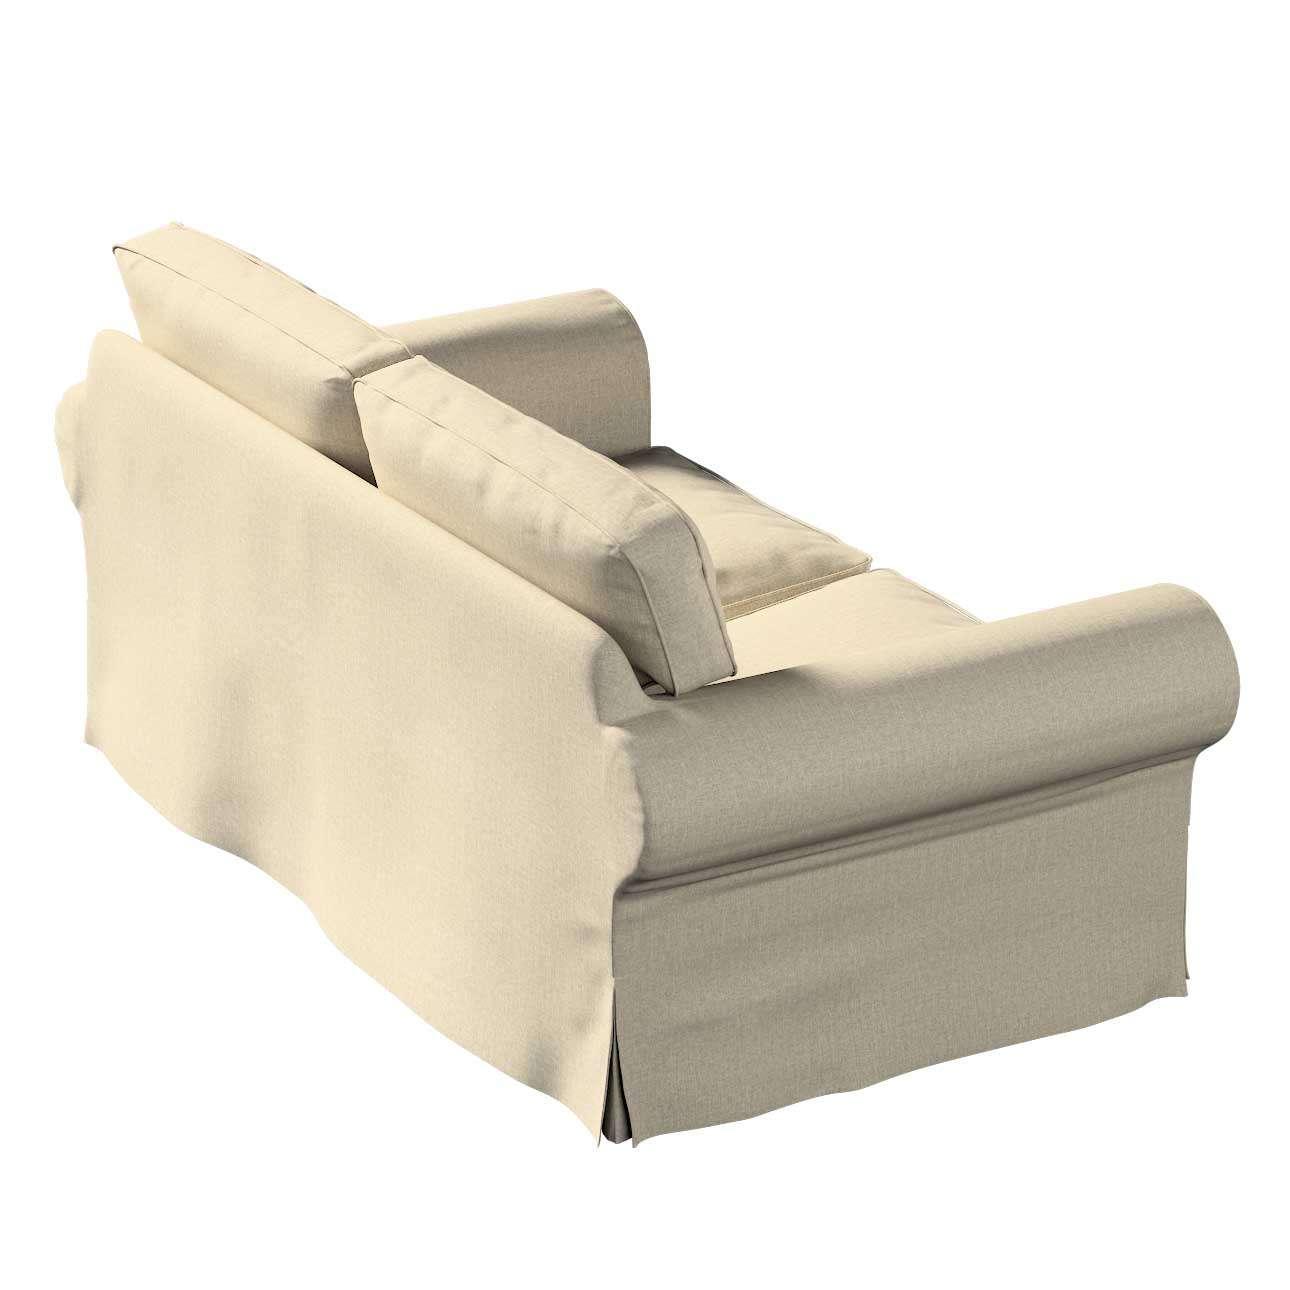 Pokrowiec na sofę Ektorp 2-osobową, rozkładaną, model do 2012 w kolekcji City, tkanina: 704-80